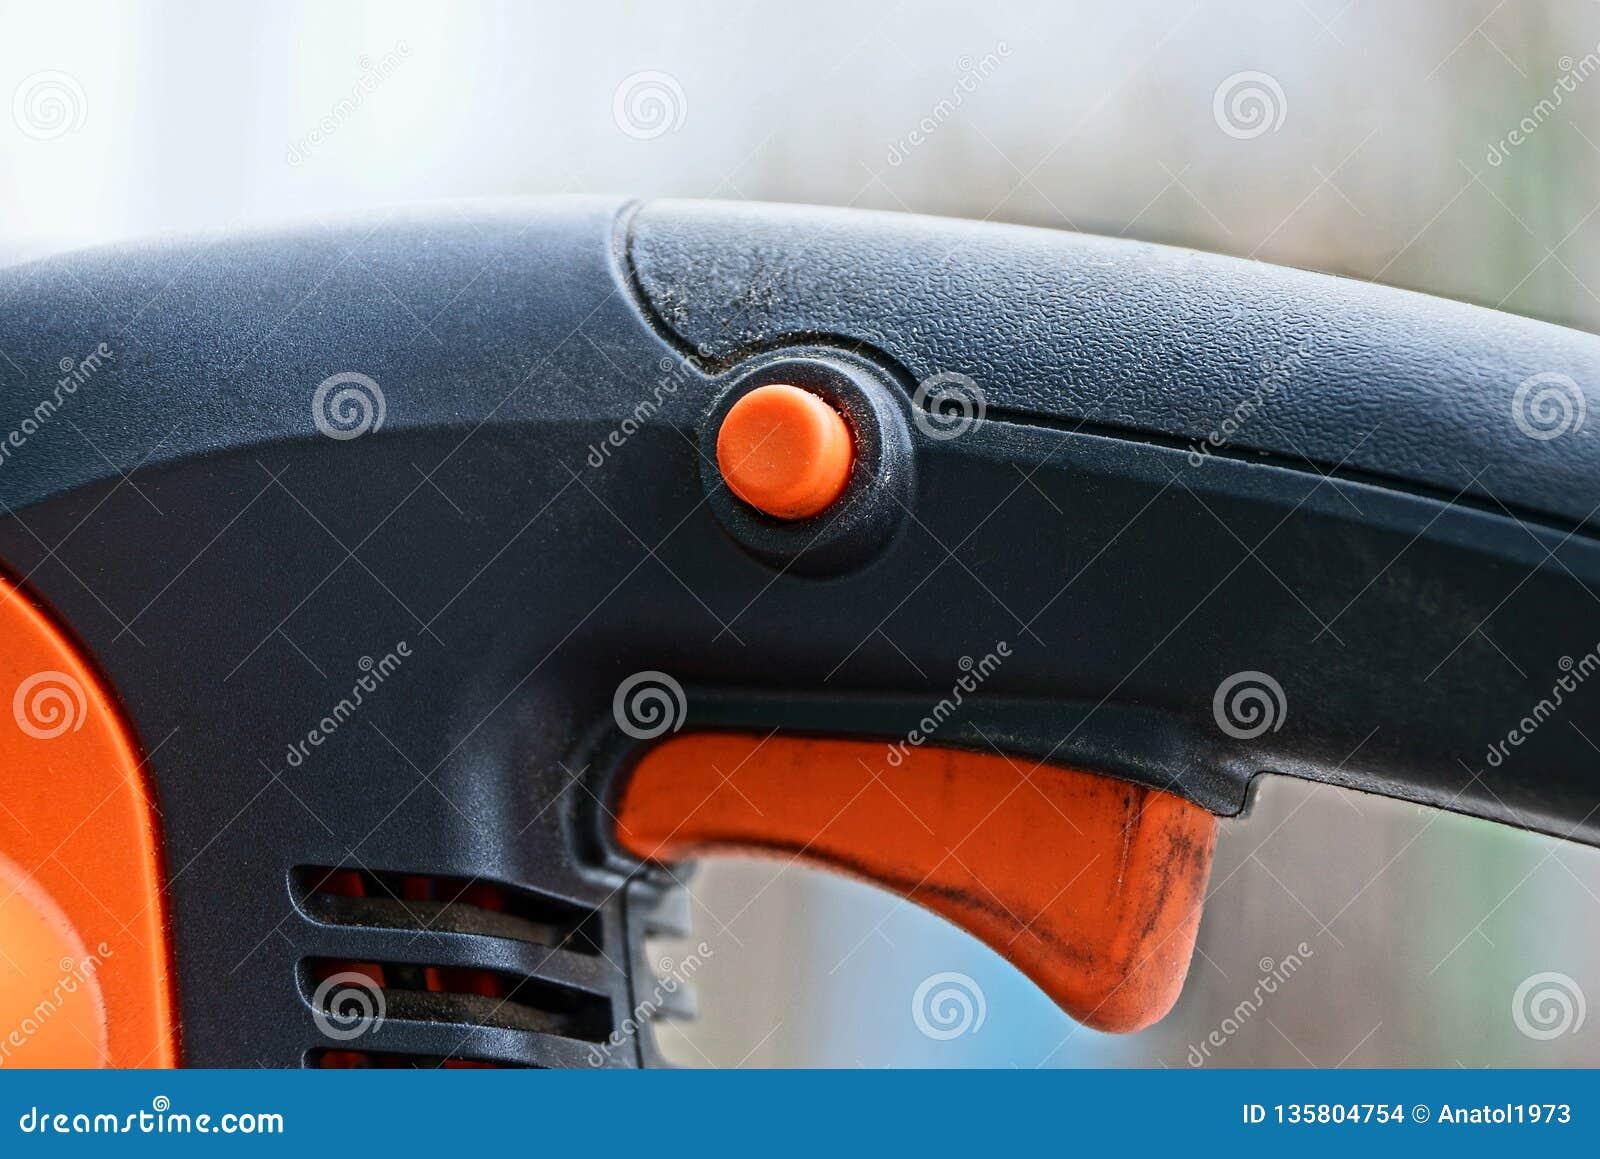 一部分的有橙色按钮的一套电动工具和在黑塑料把柄的一台触发器